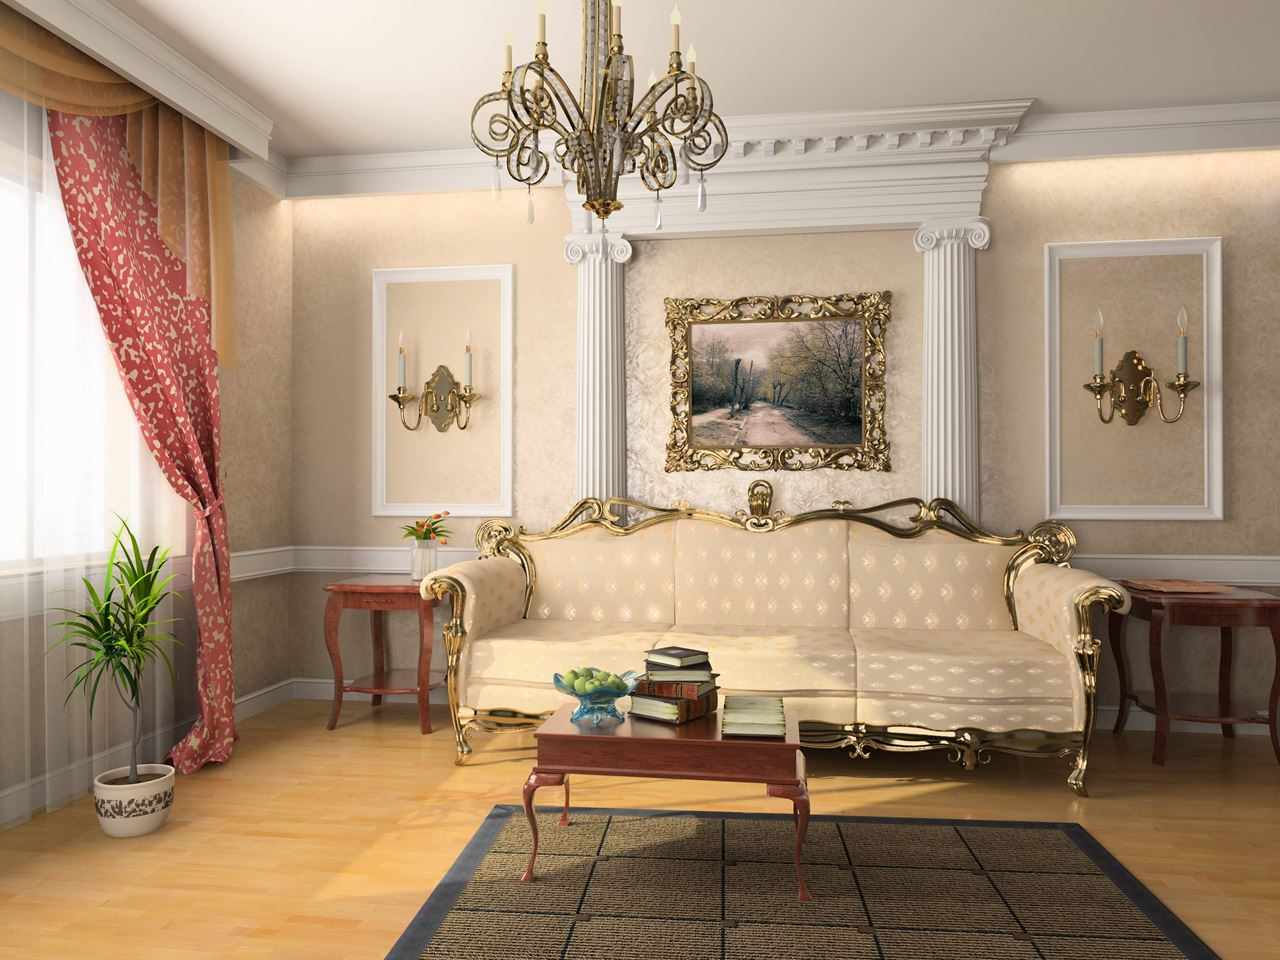 Rococo Style interior design ideas